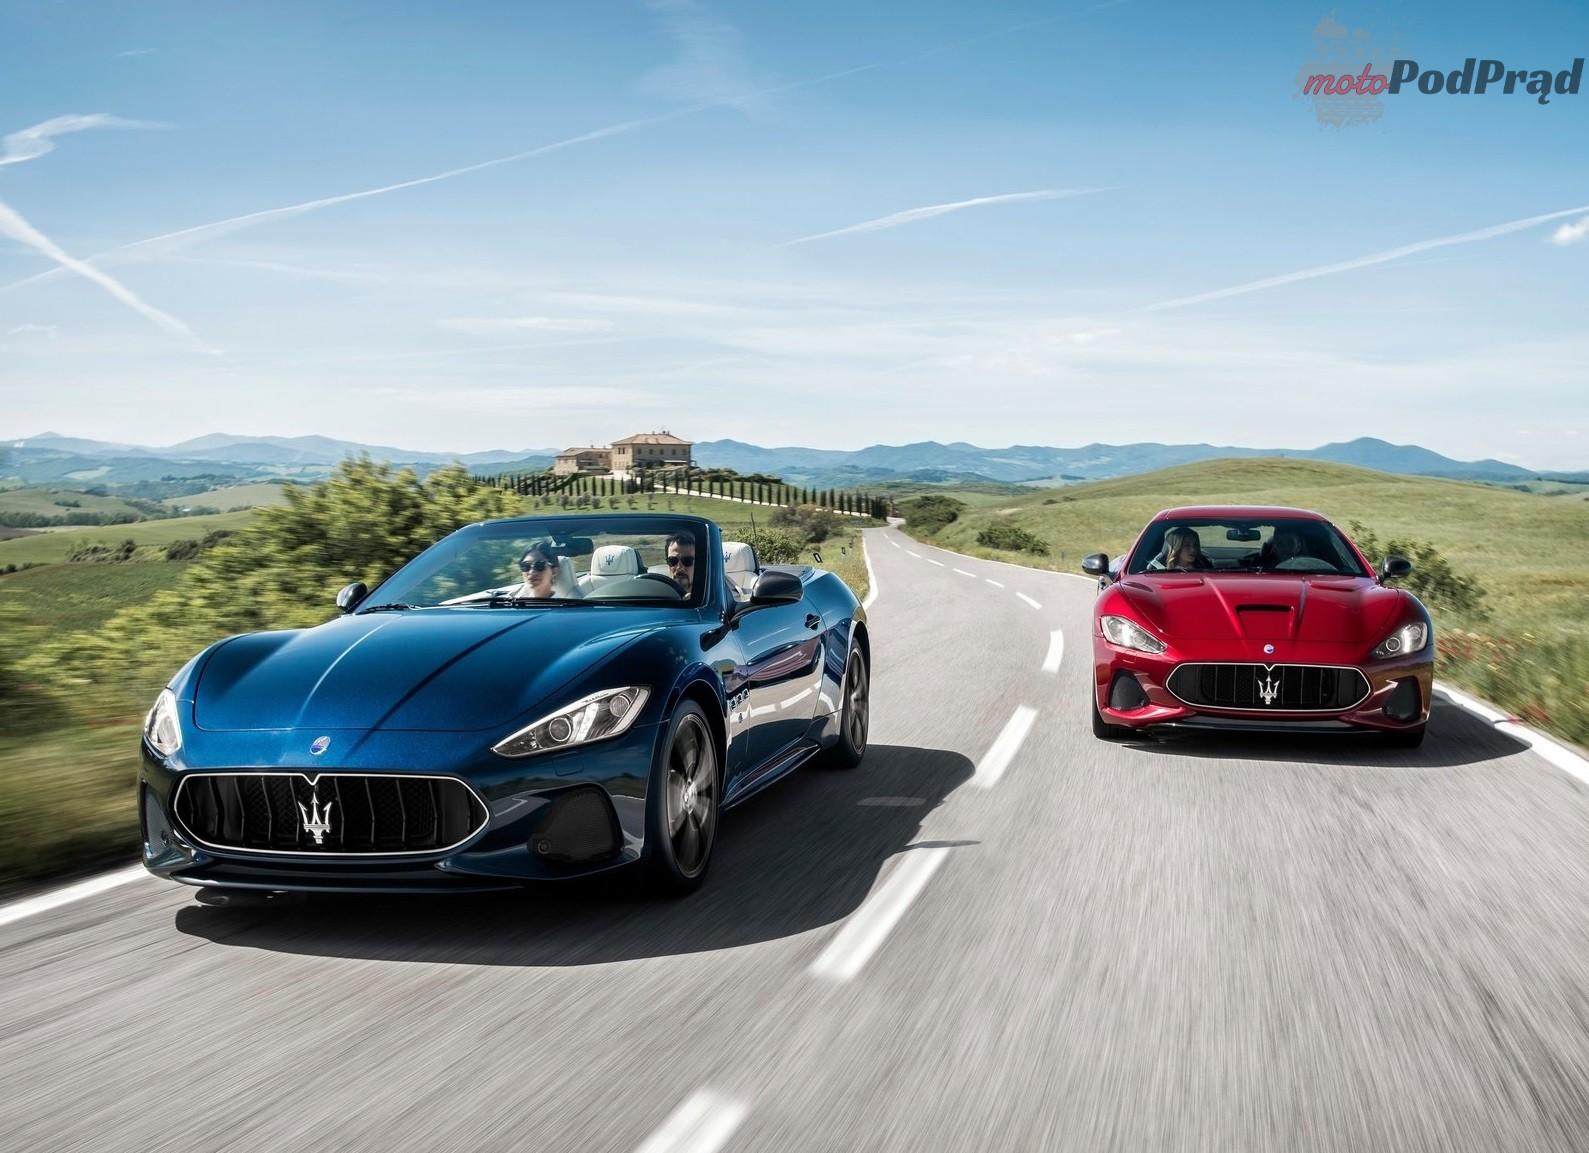 granturismo Top 10: samochody z najdłuższym rynkowym stażem